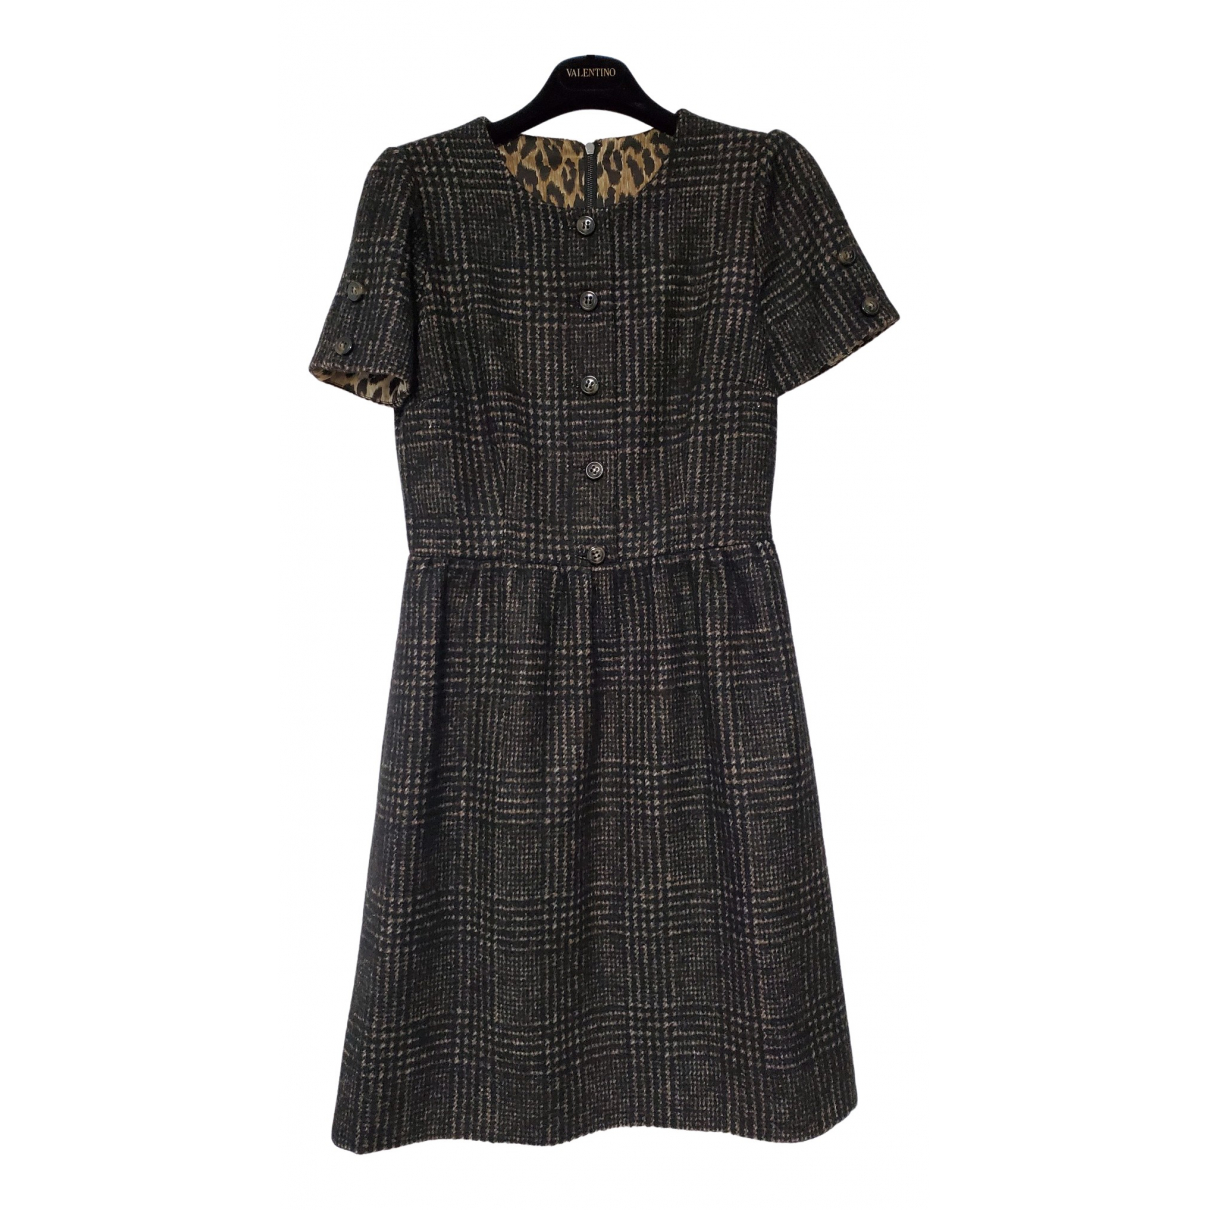 Dolce & Gabbana \N Brown Wool dress for Women 40 IT